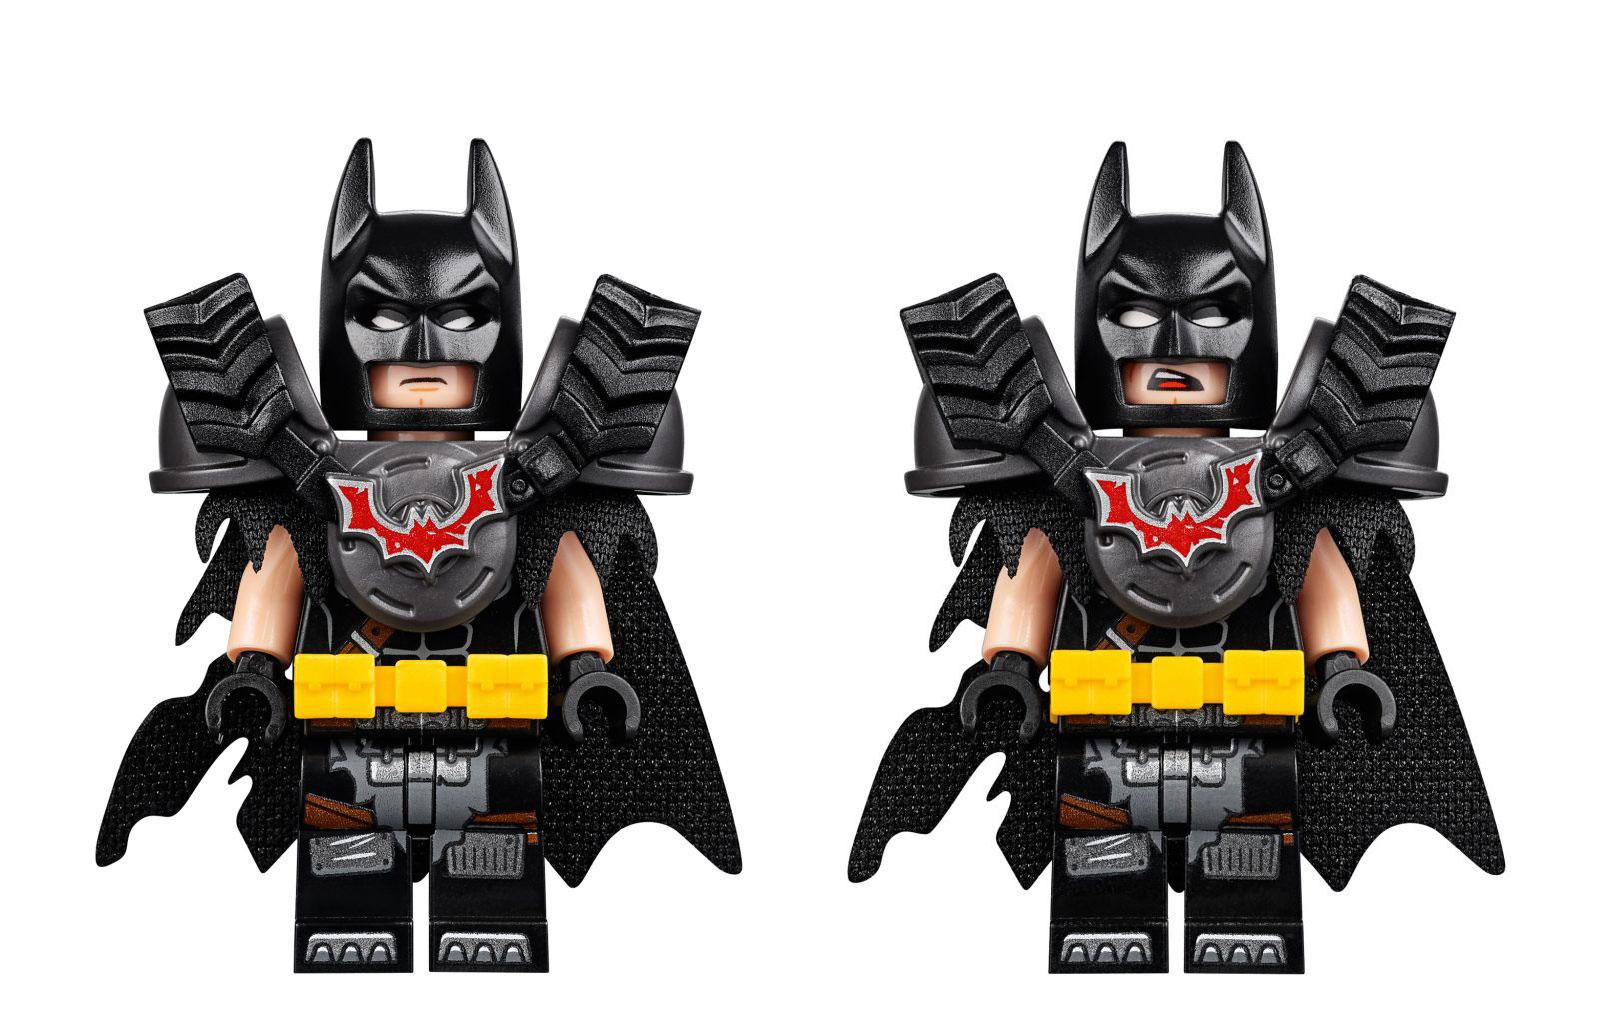 lego-battle-ready-batman